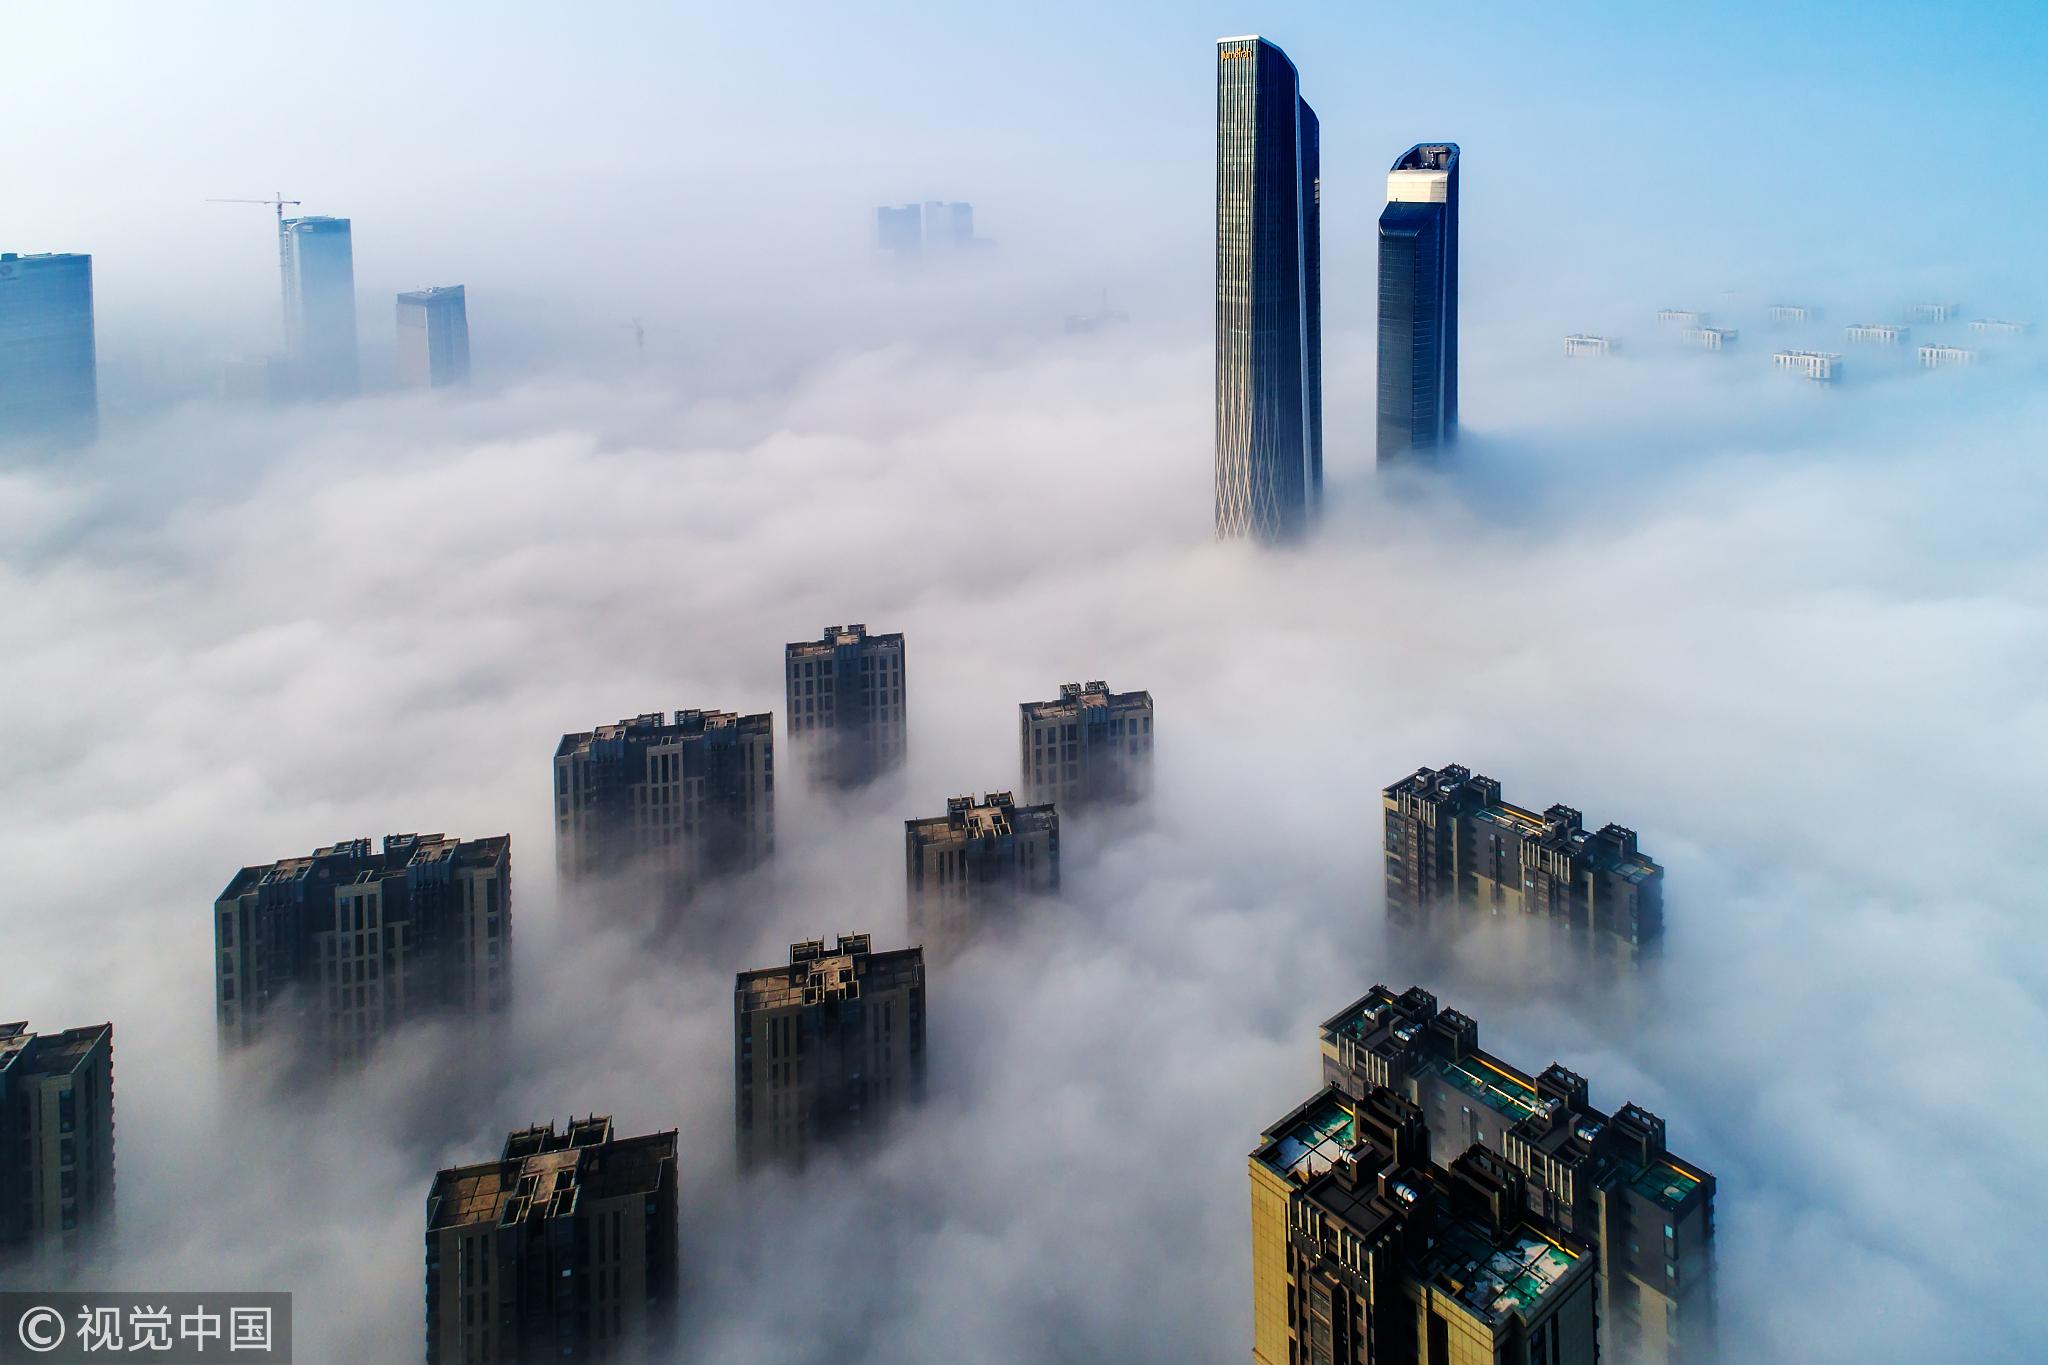 南京河西云海茫茫 双子楼矗立其中